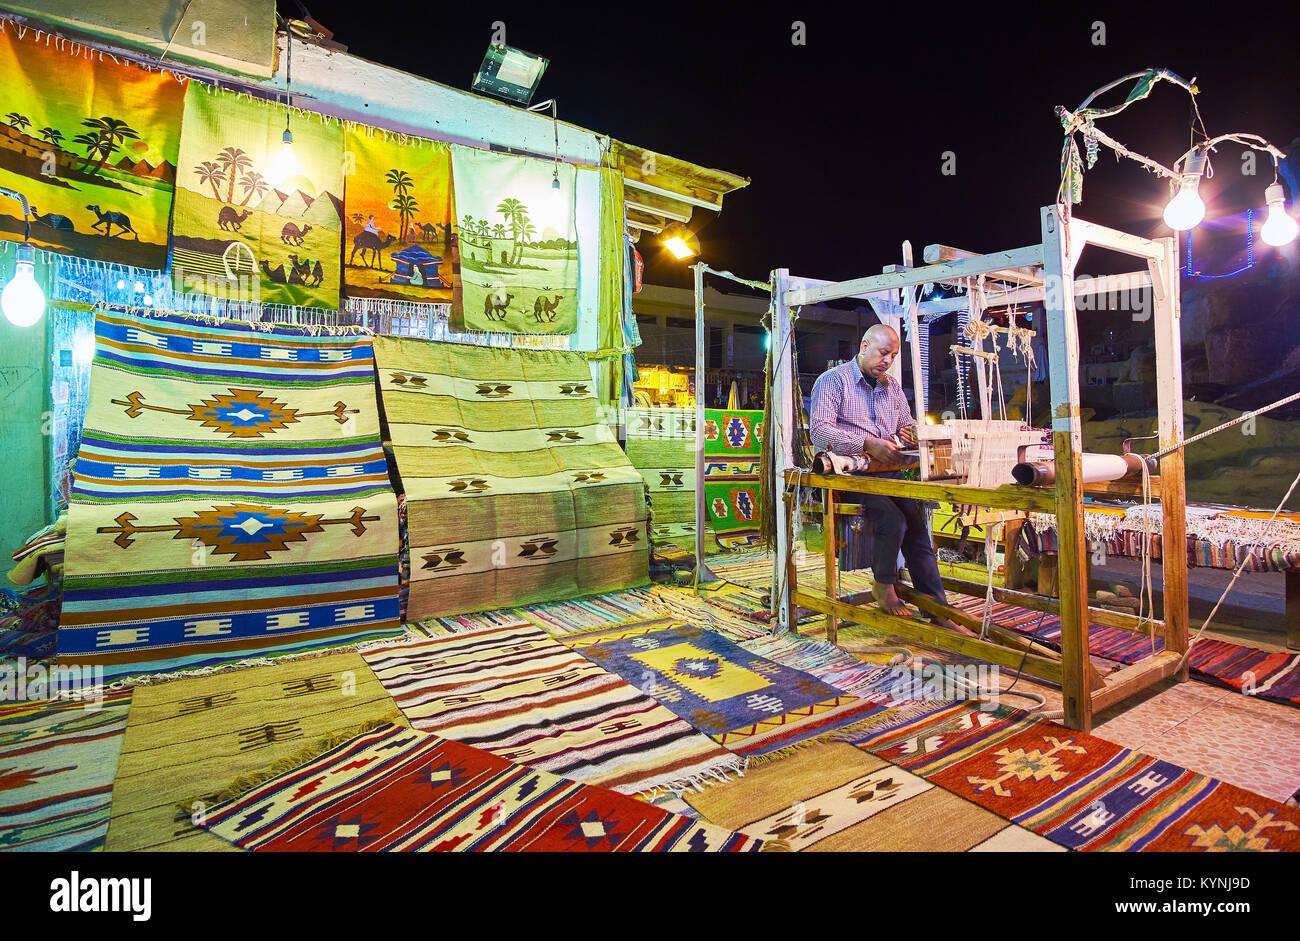 Großartig El Draht Handwerk Fotos - Elektrische Schaltplan-Ideen ...